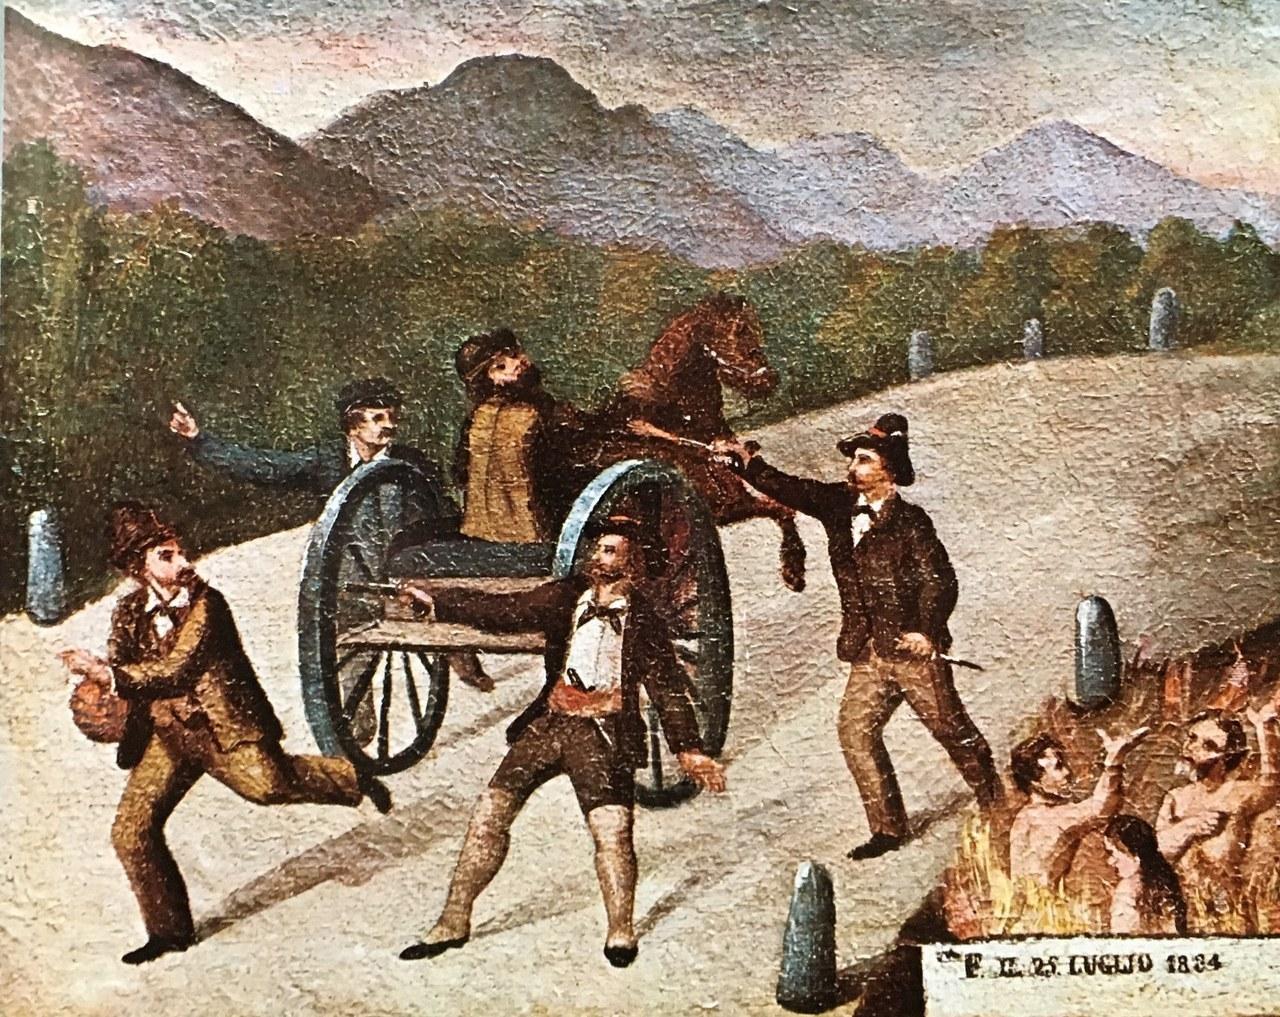 Ex-voto del 1884, olio su tela, cm. 44x36, provenienza ignota